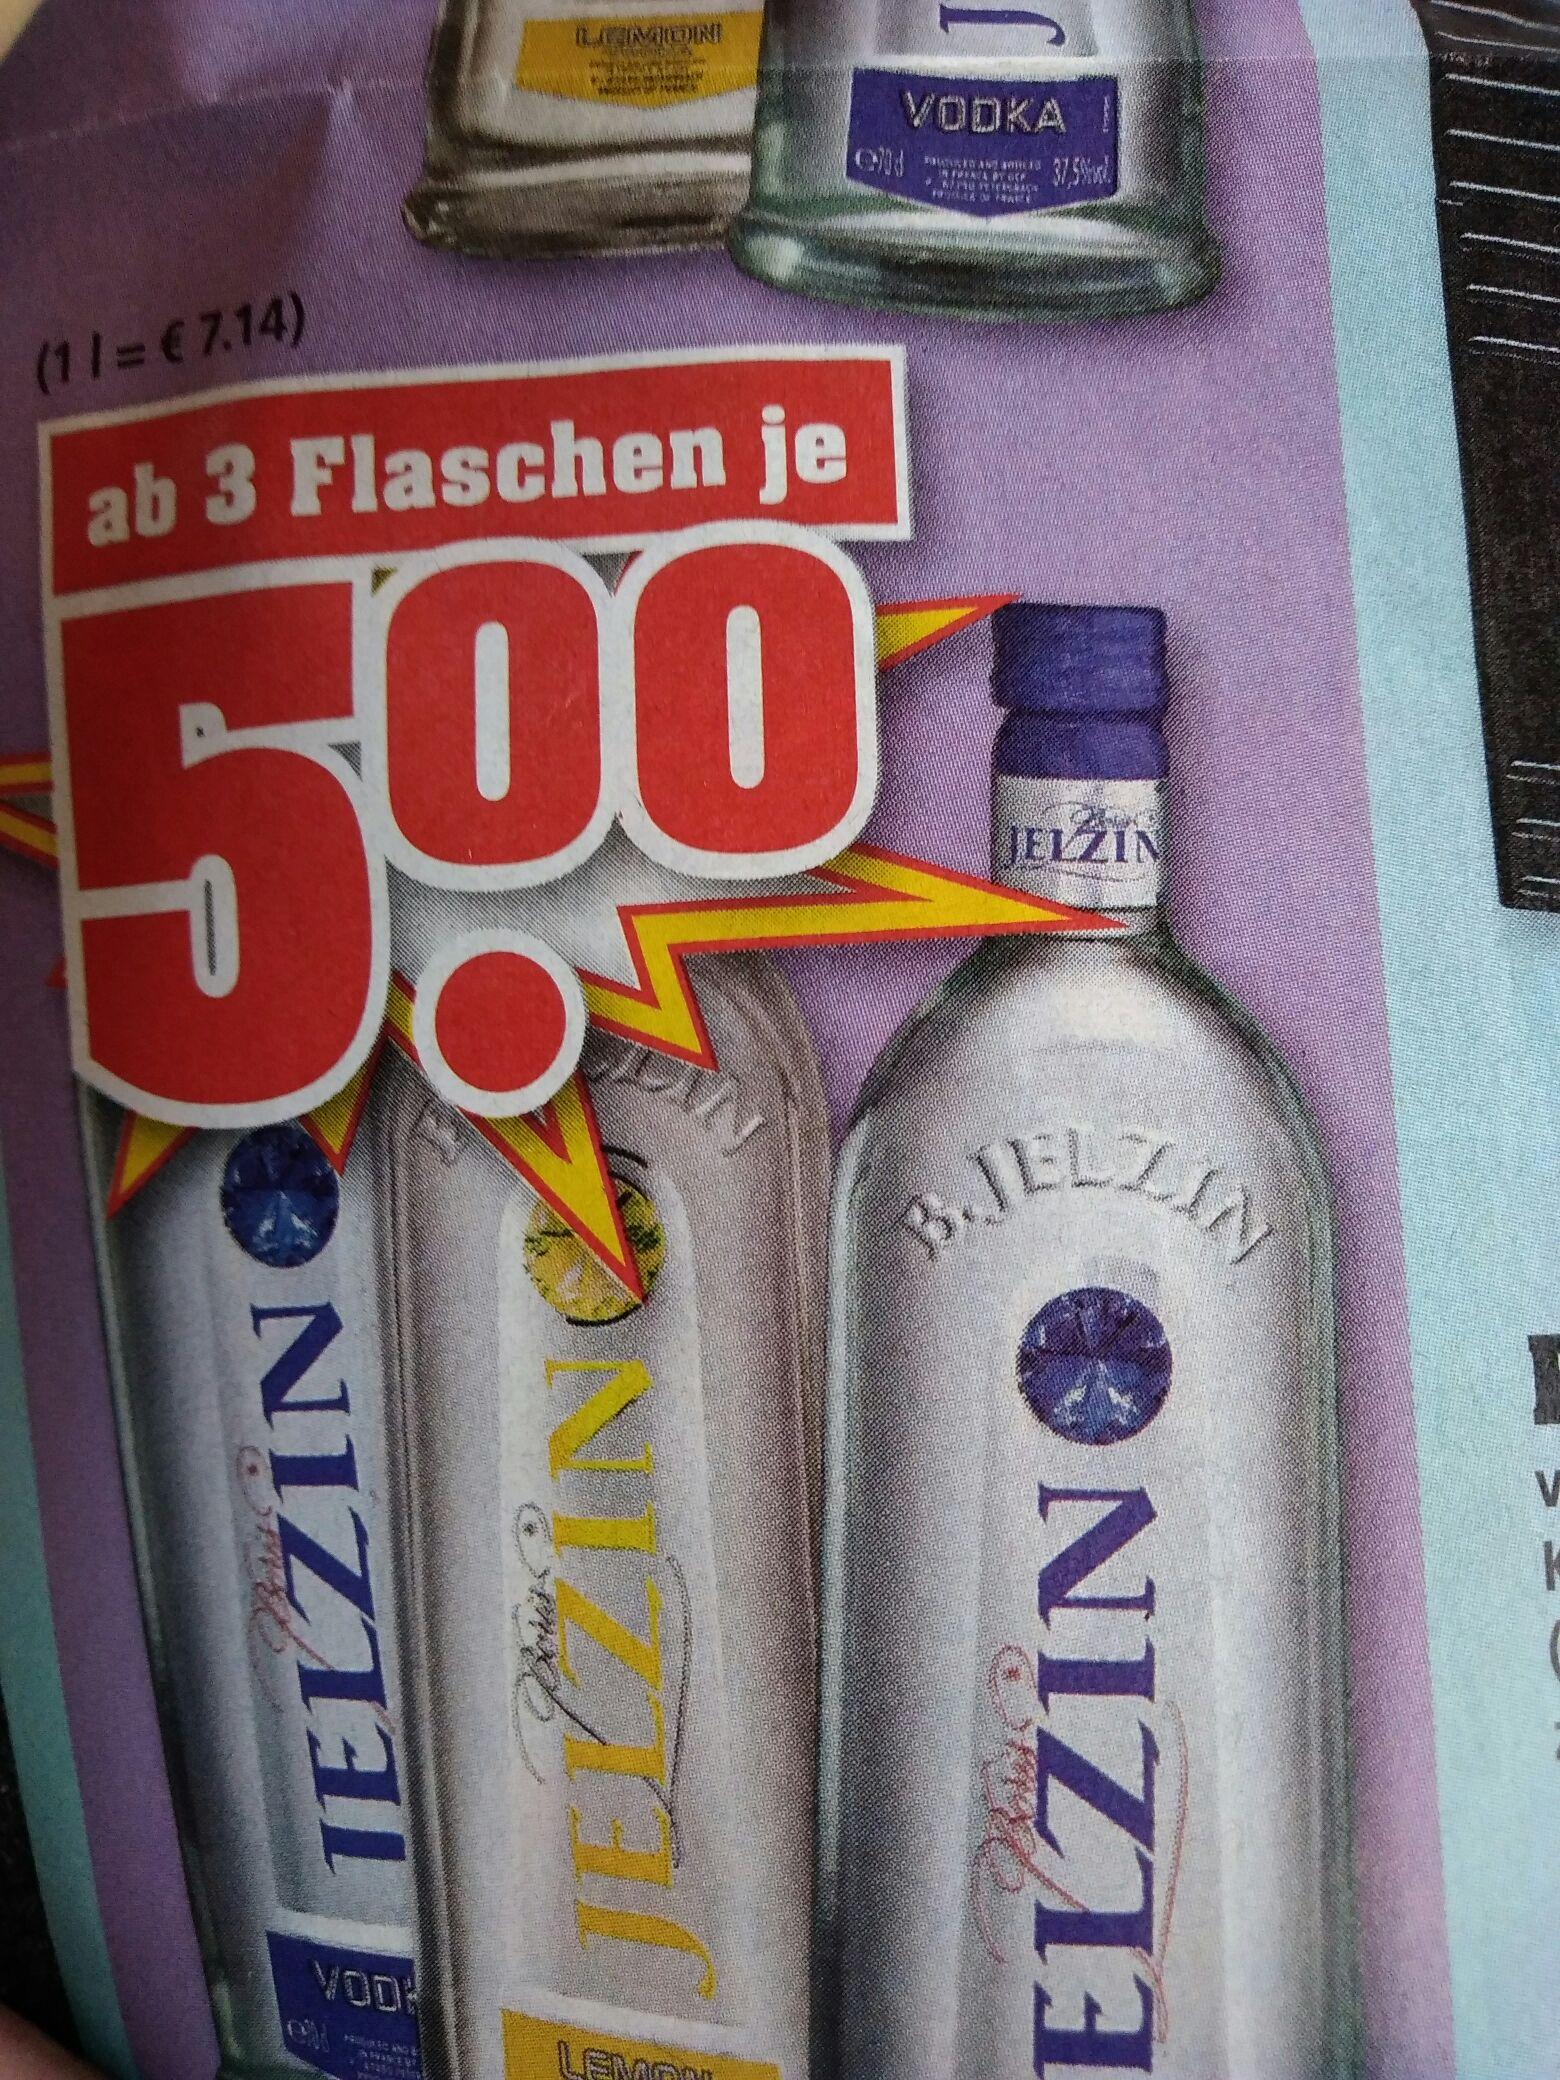 [trinkgut] 3 × Jelzin Vodka 0.7l